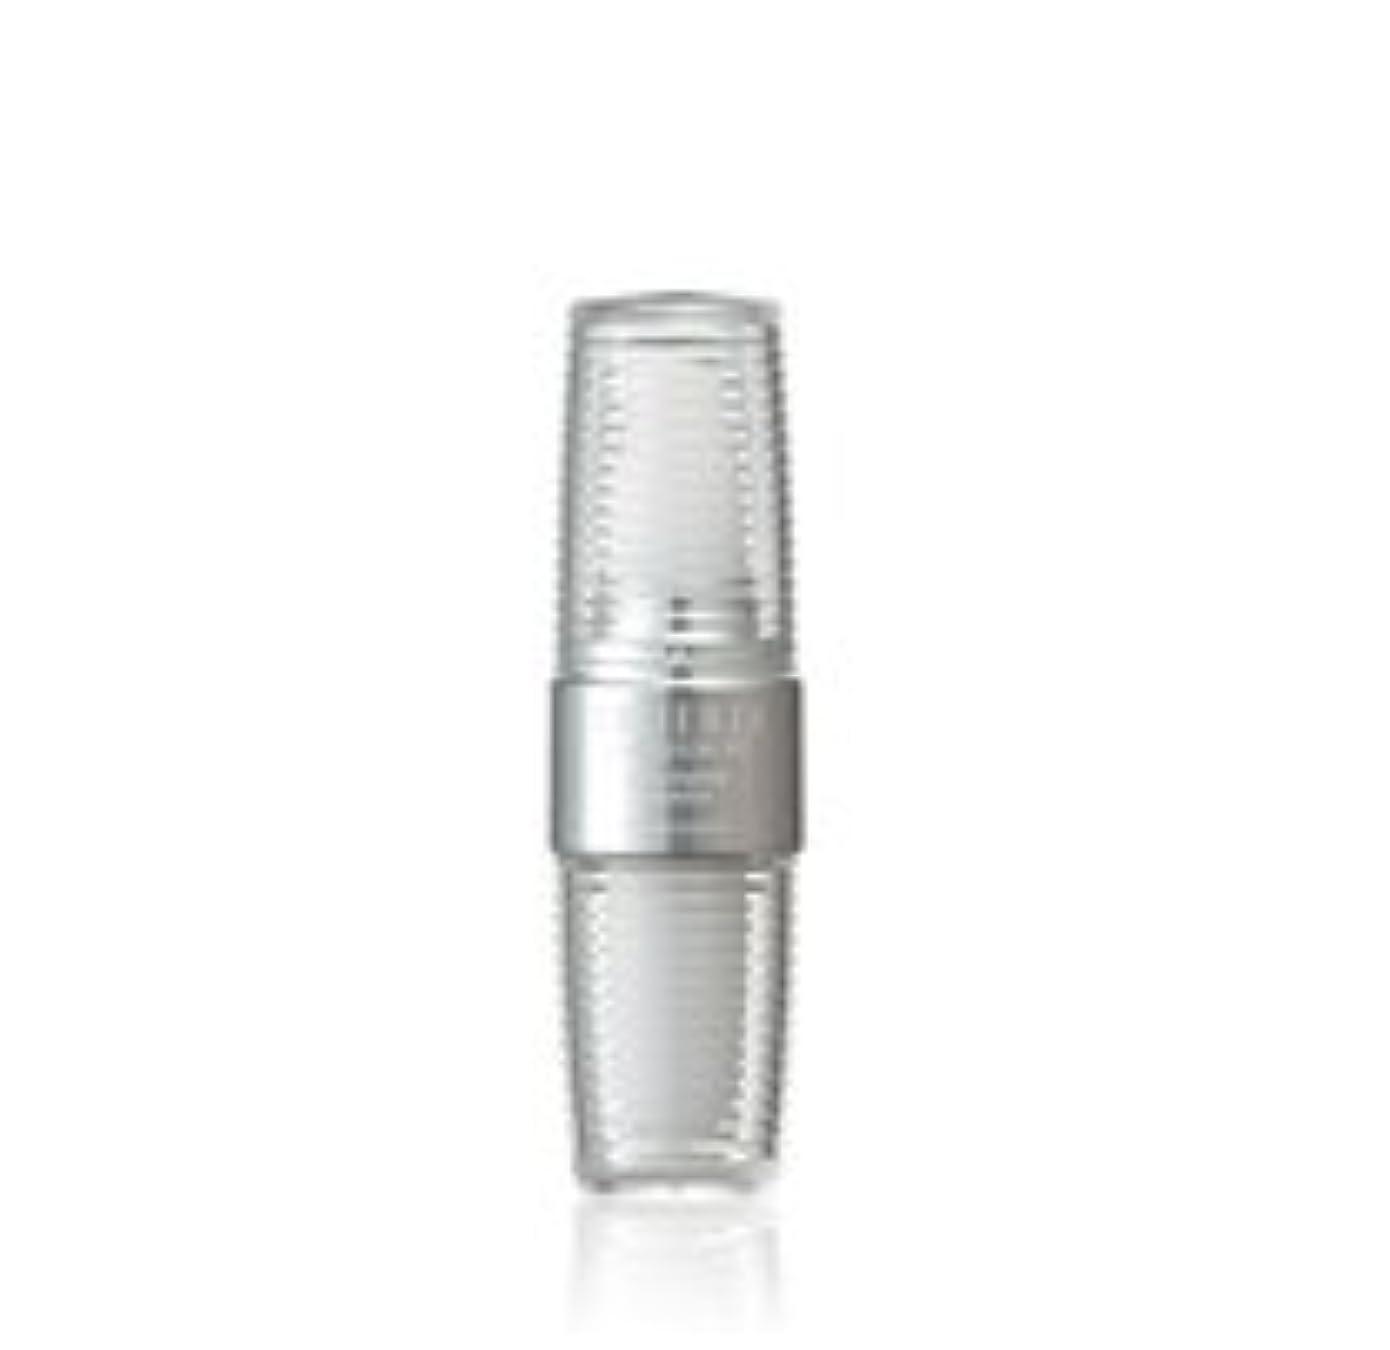 リーダーシップことわざセントナリス化粧品 トゥルーリア リミッション PO ポア エクスプレス エッセンス (美容液) 20ml